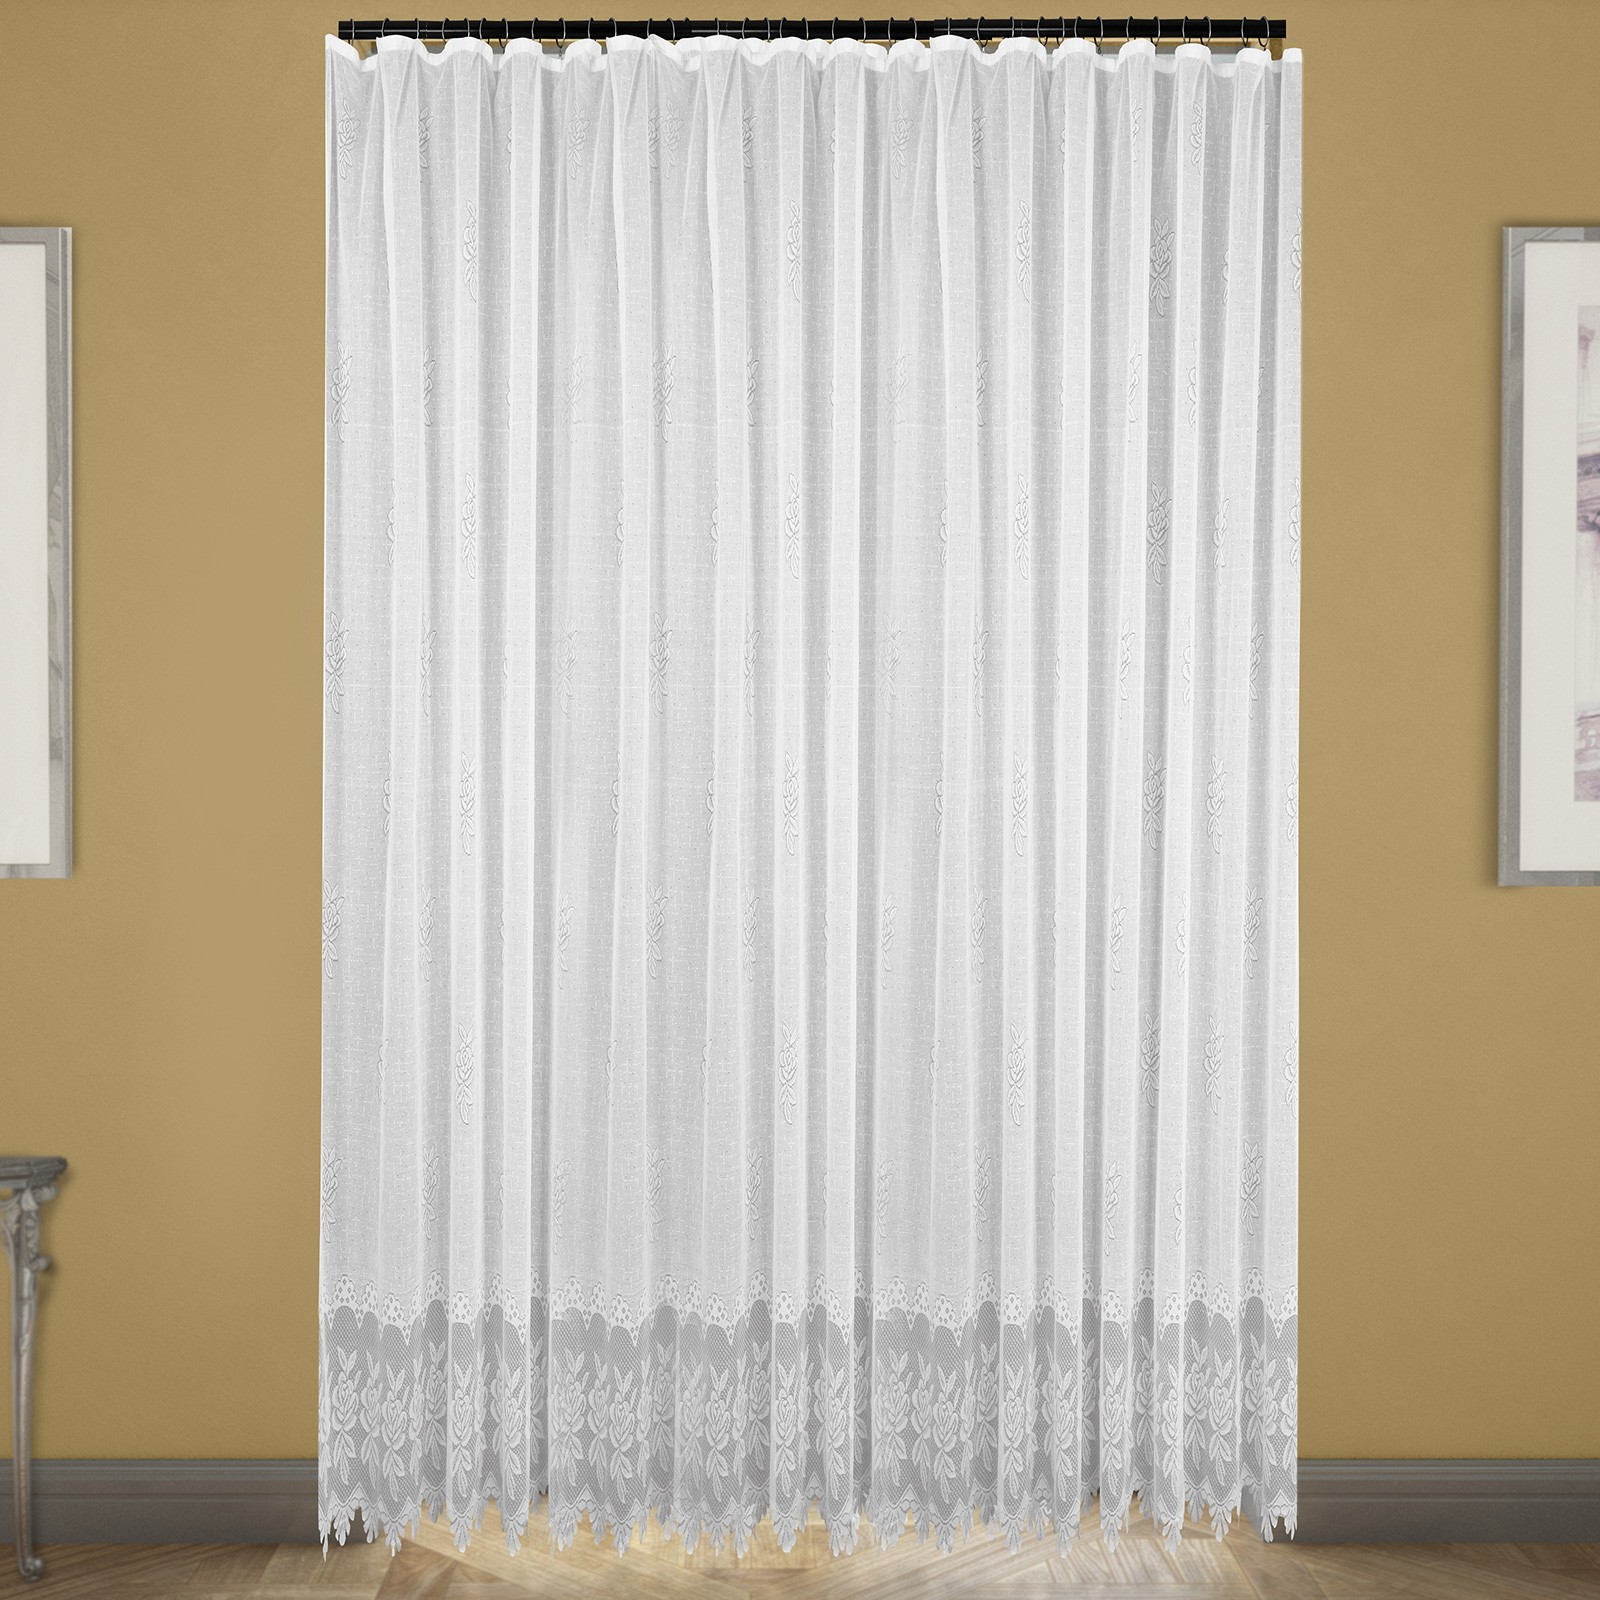 Dimensioni Finestre Camera Da Letto dettagli su tenda da finestra con occhielli trasparente bianco soggiorno  camera da letto